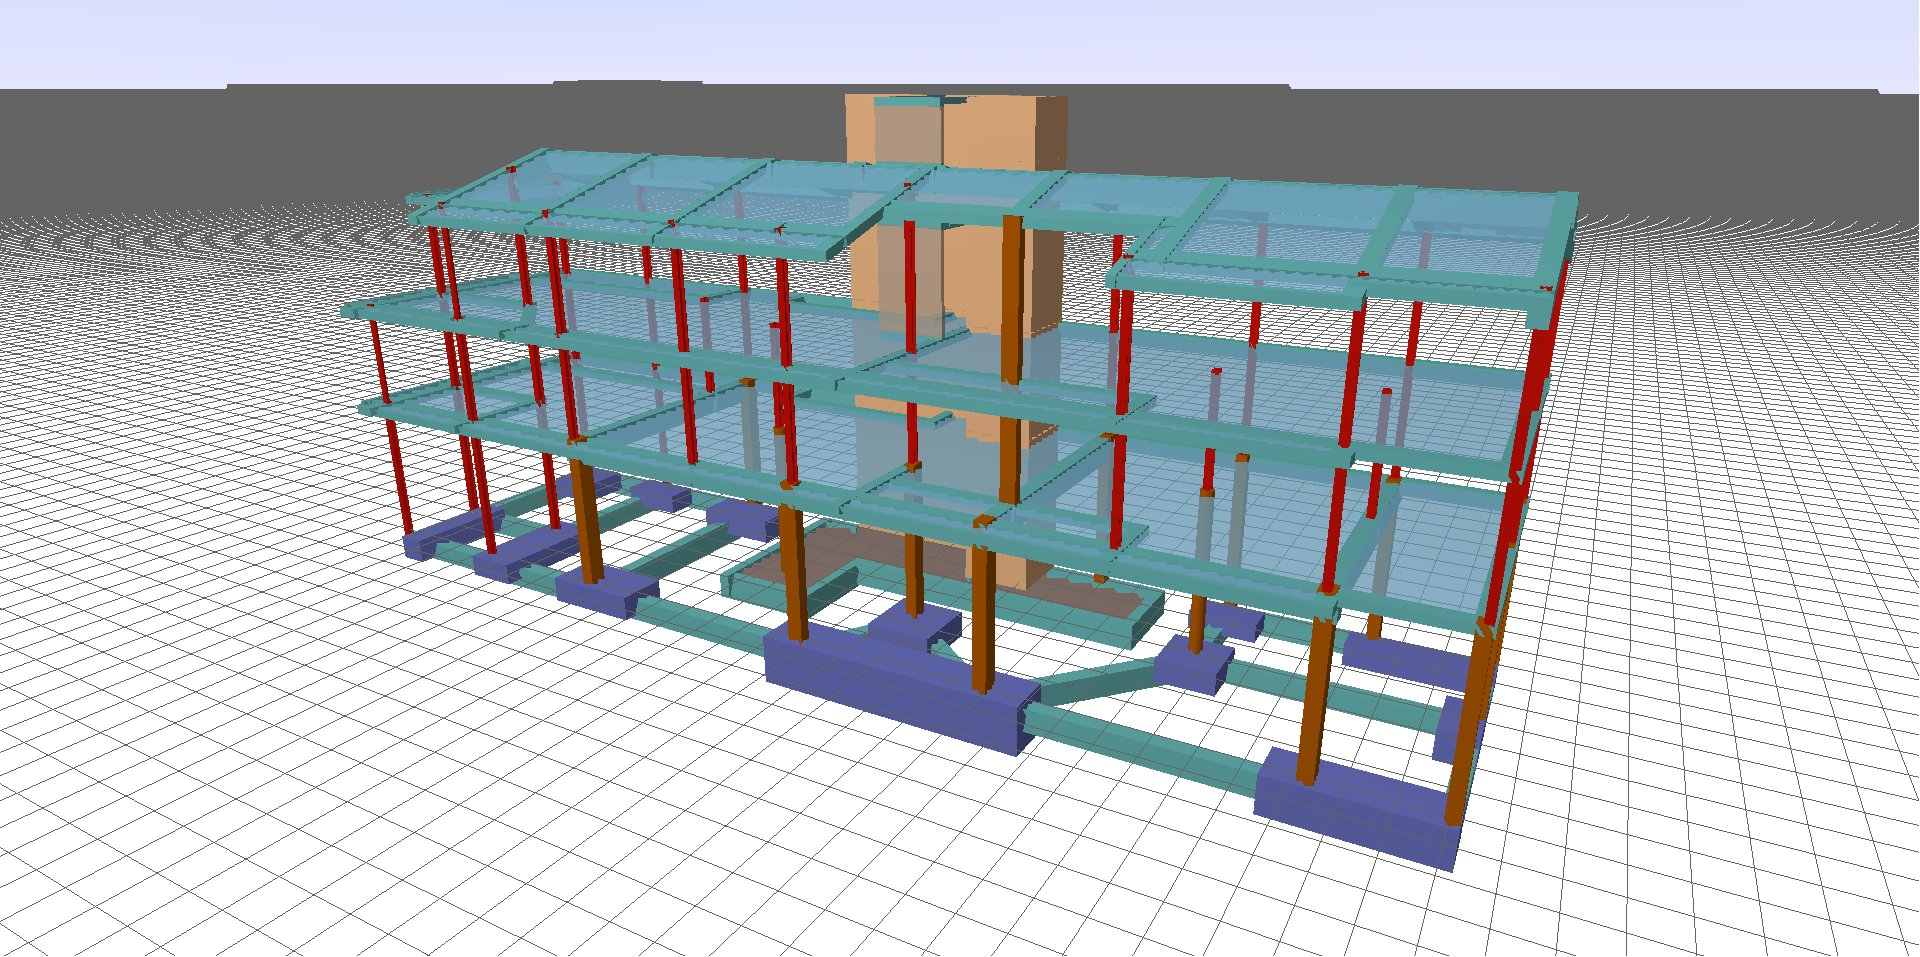 Edificio de viviendas en Barcelona 01 - Proyectos ACCE Ingeniería